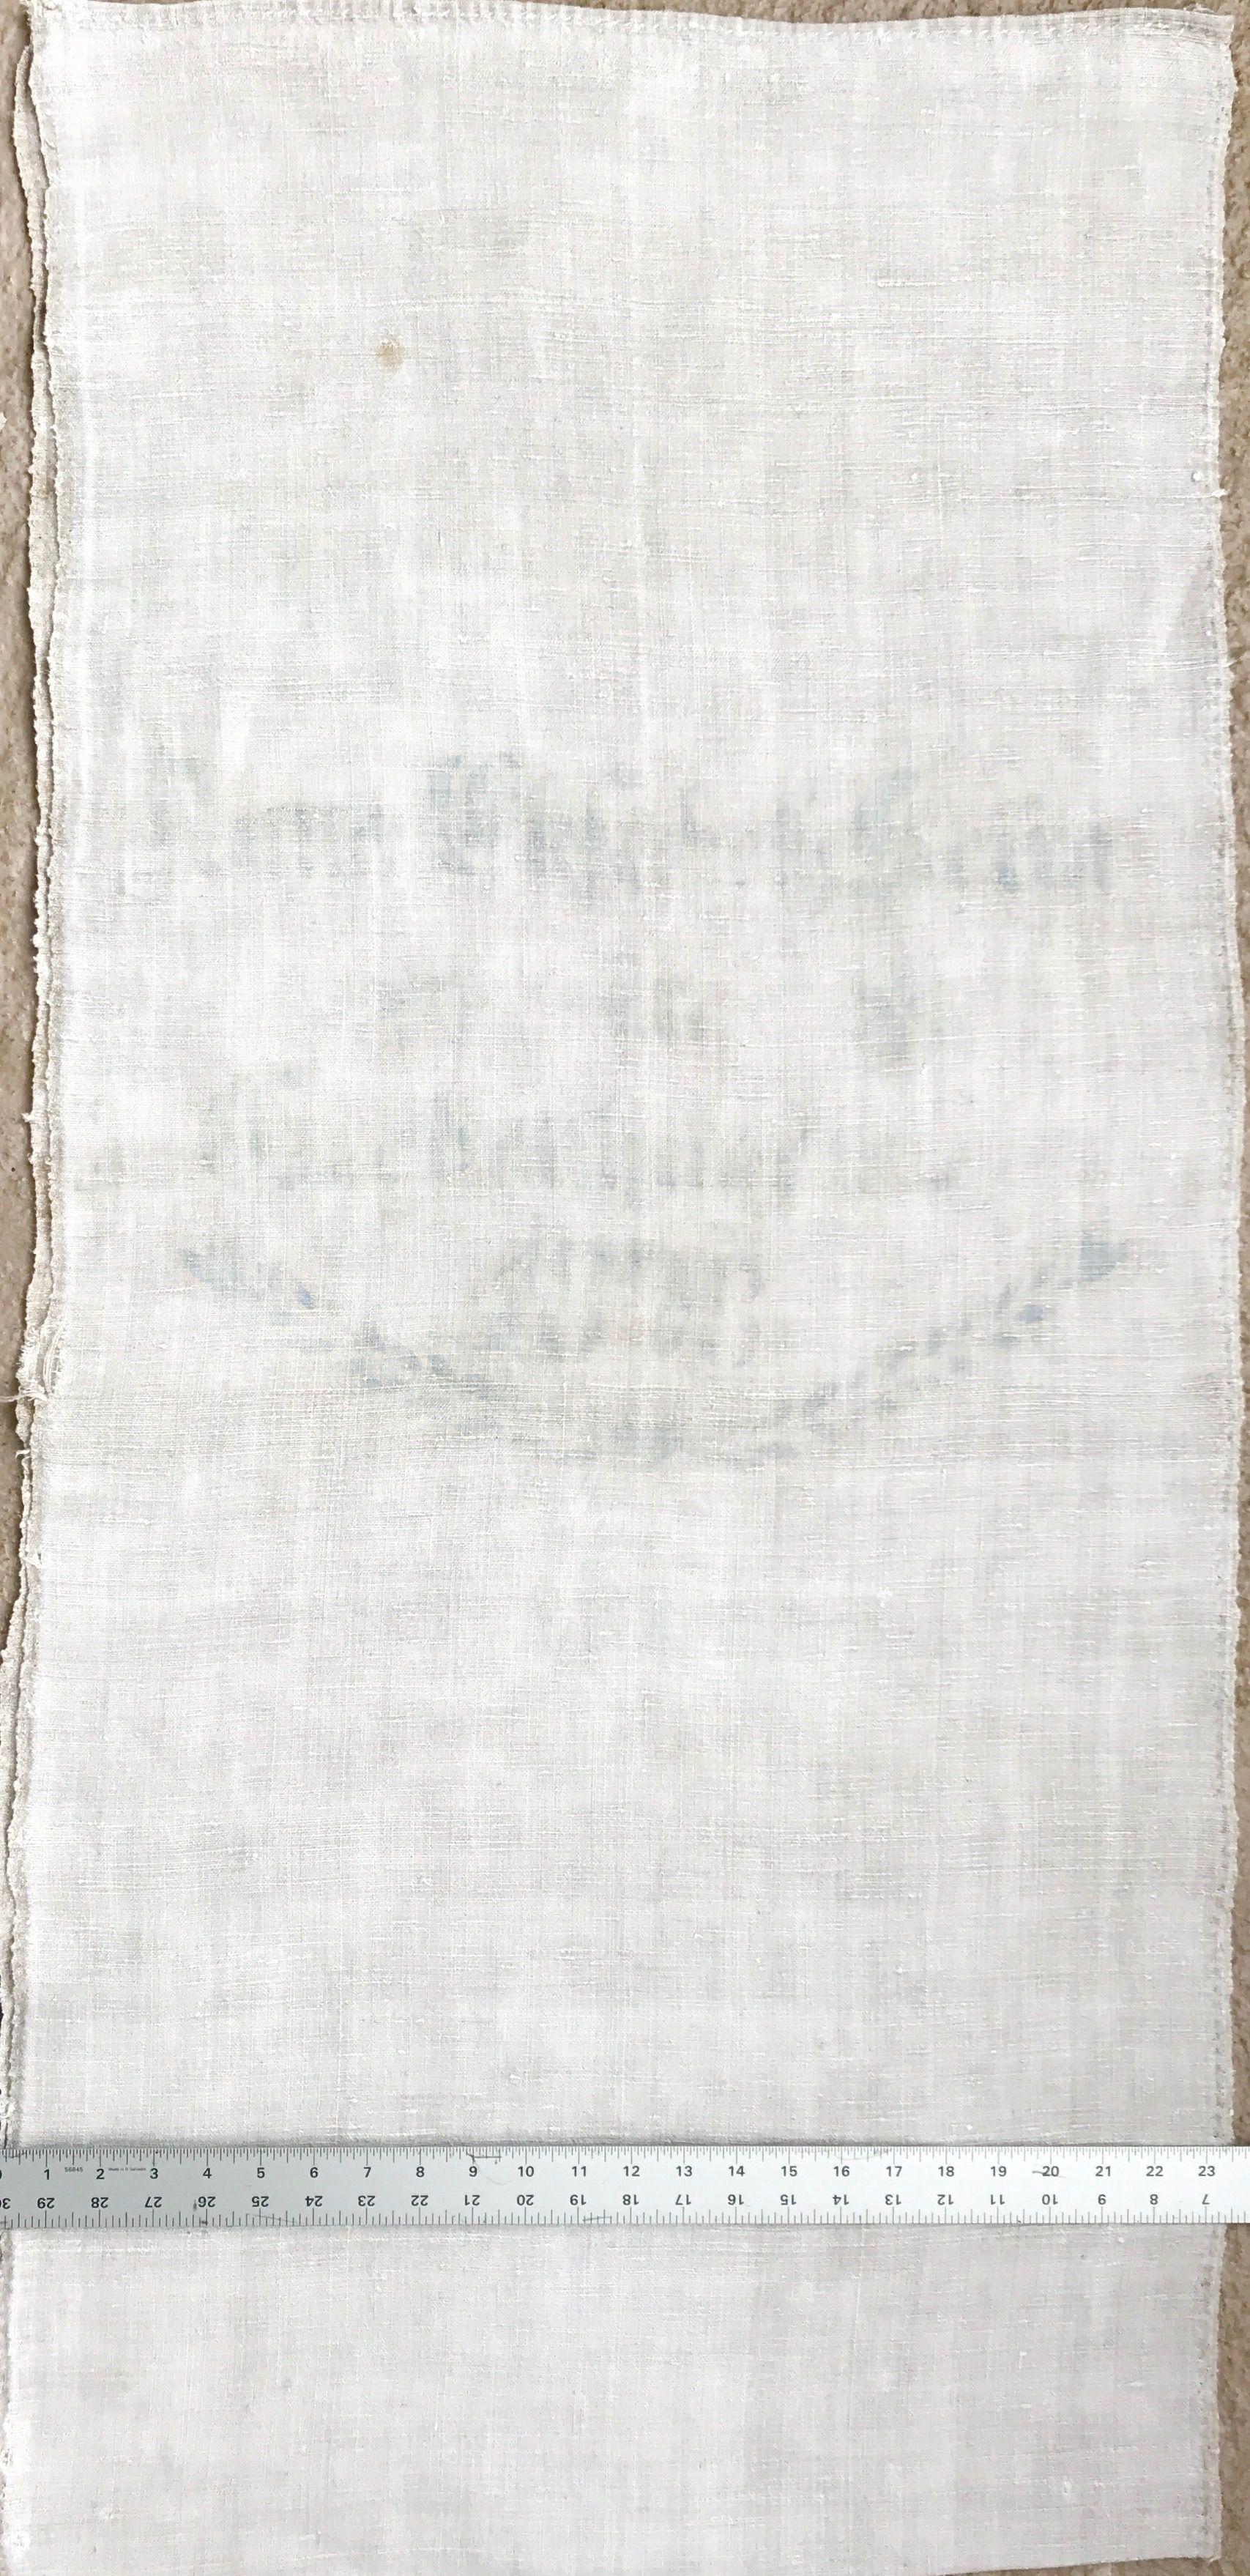 Original Historic German Grain Flour Sack Batch 37 Print Color Light Blue